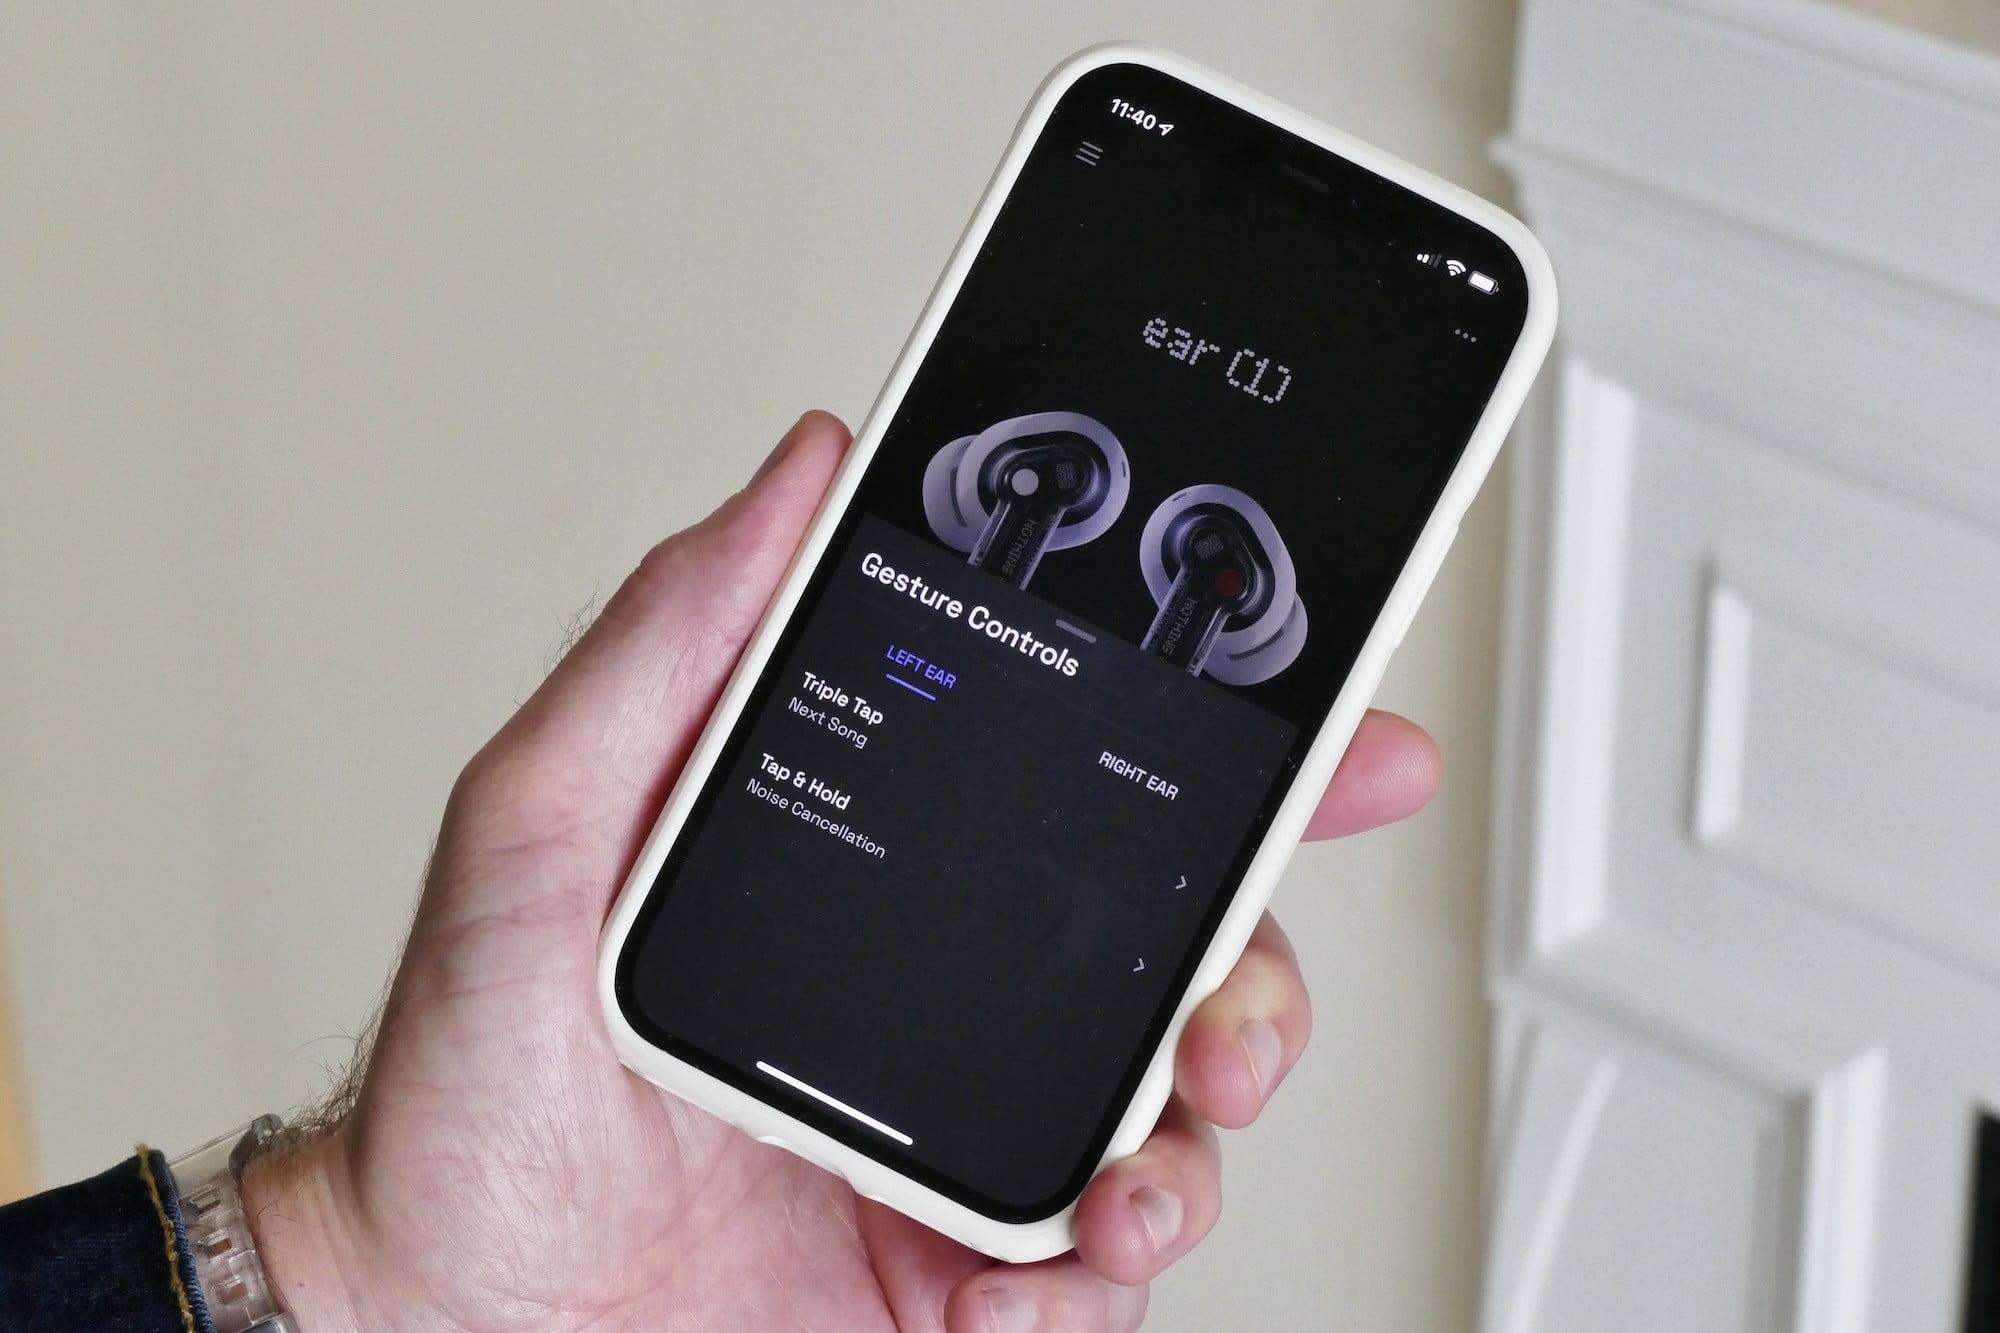 Nothing Ear 1 app's gesture control settings.